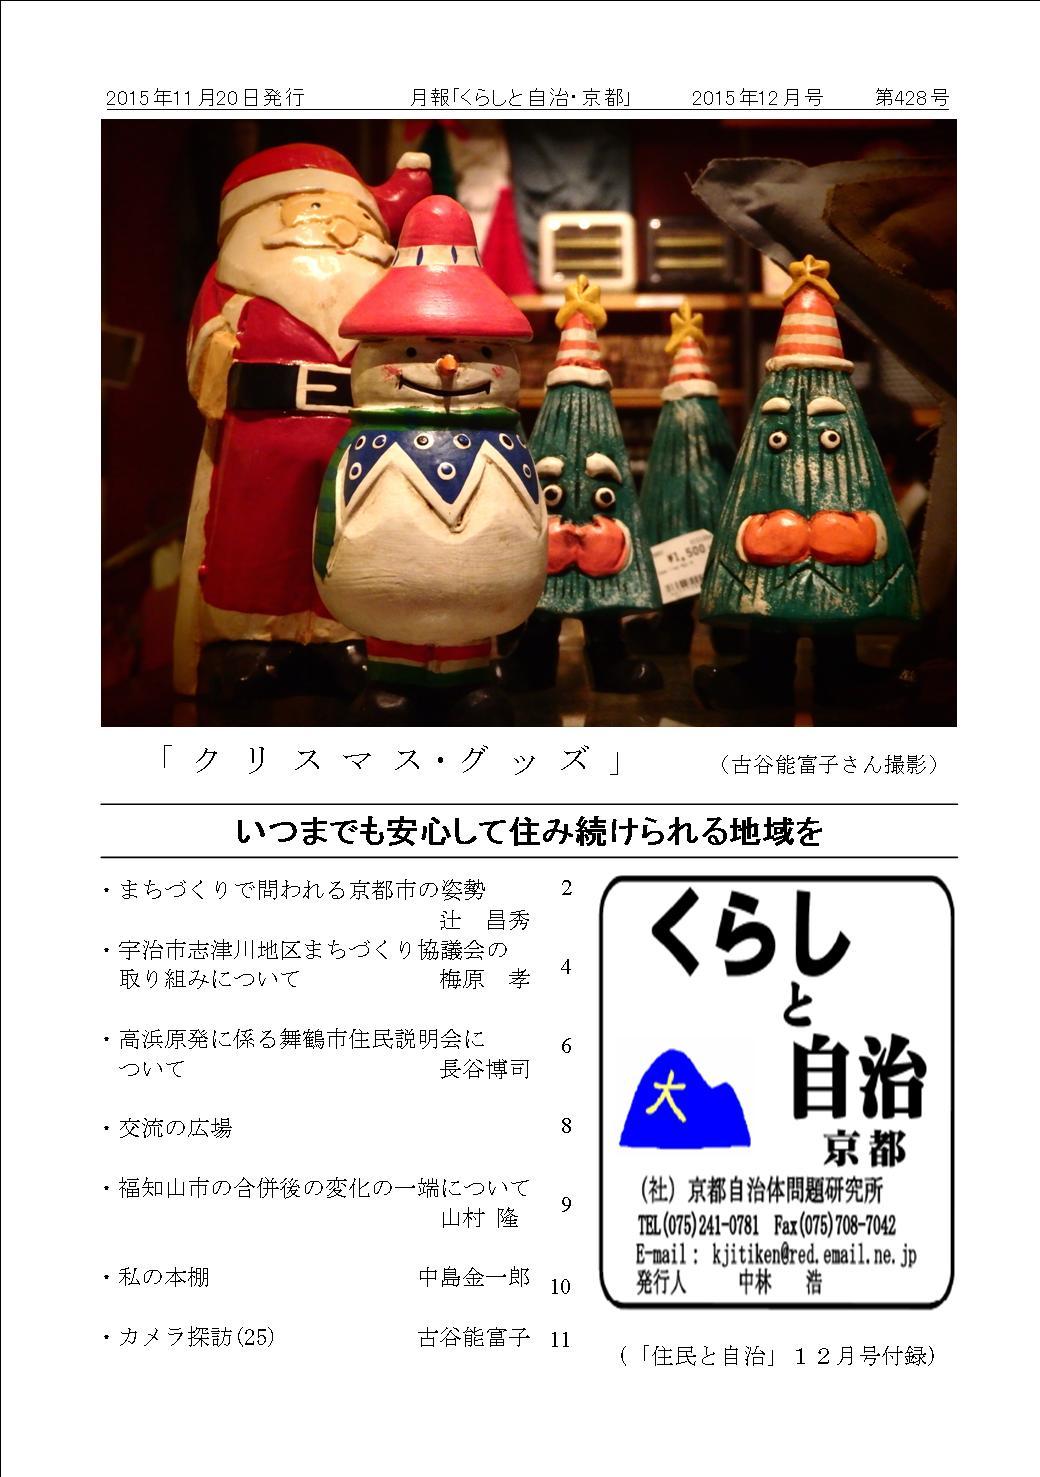 月報「くらしと自治・京都」2015年12月号 第428号